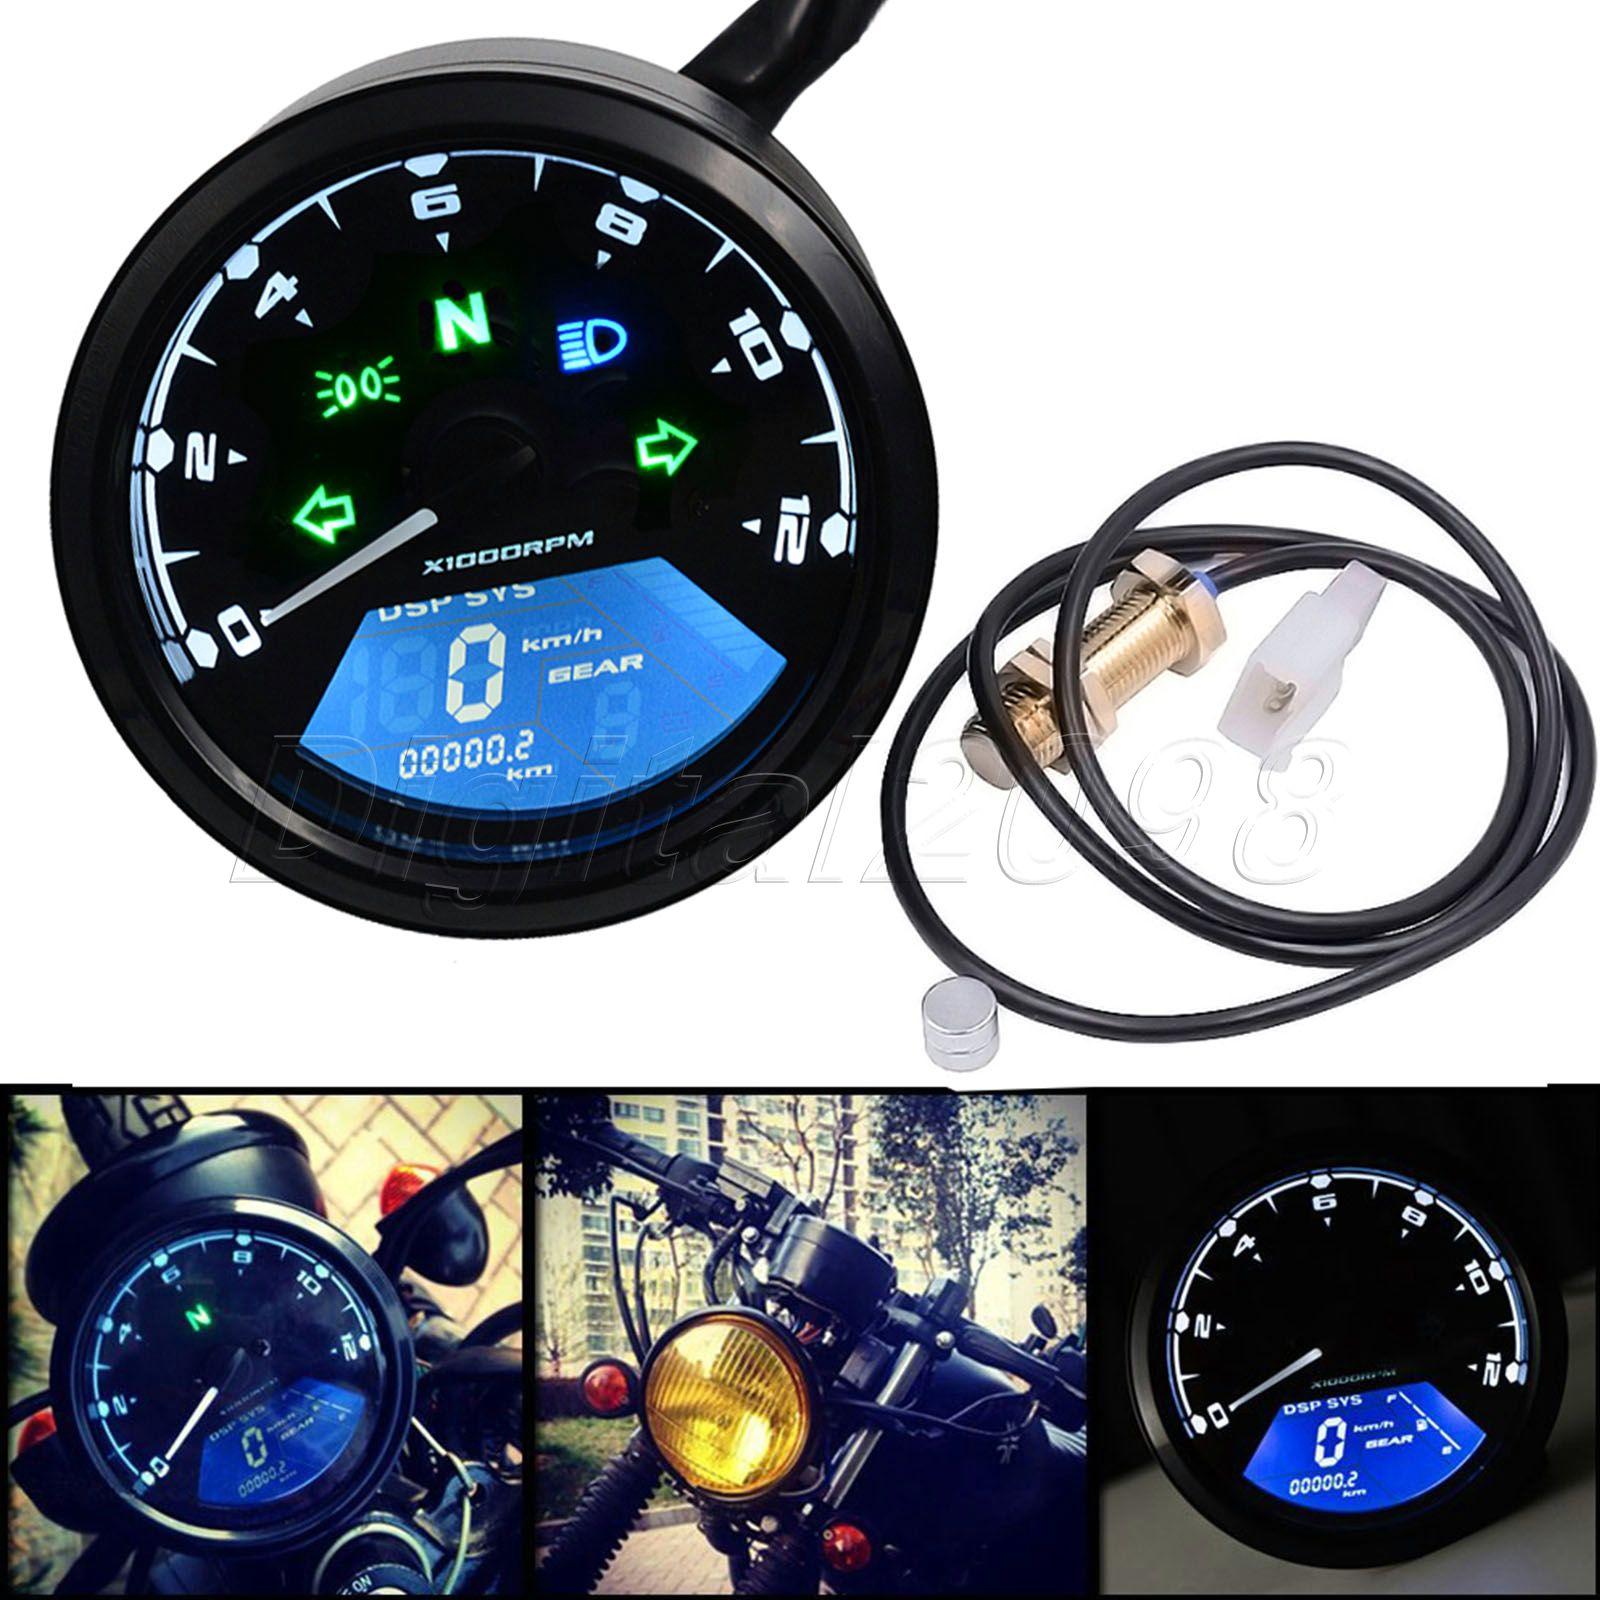 Yetaha LCD Digital Tachometer Speedometer Odometer Universal Motorcycle Motorbike 12000RPM Tachometer Motorcycle Accessories